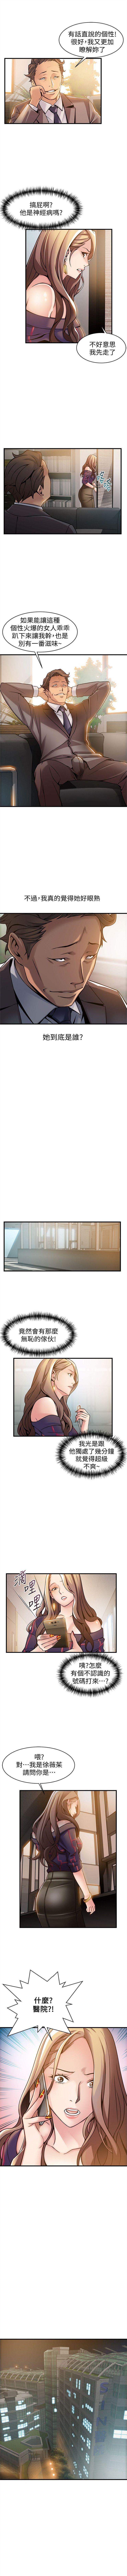 弱点 1-64 中文翻译(更新中) 73